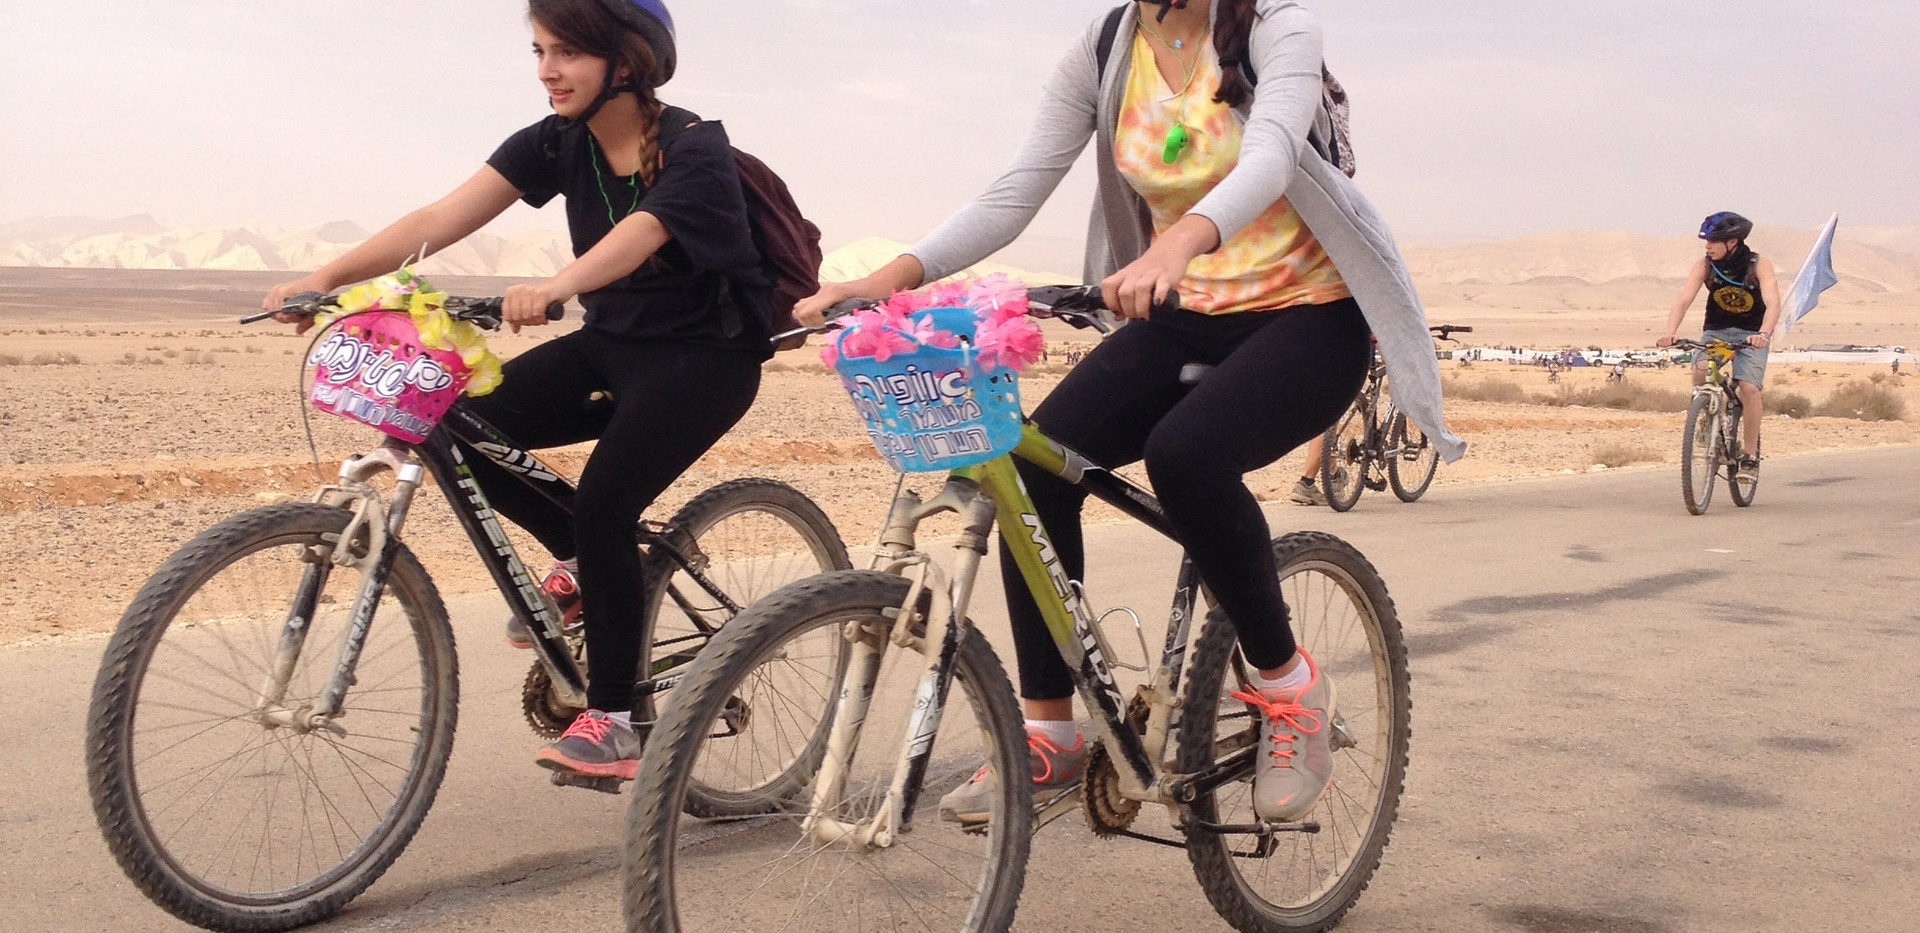 השכרת אופניים צל הדרך